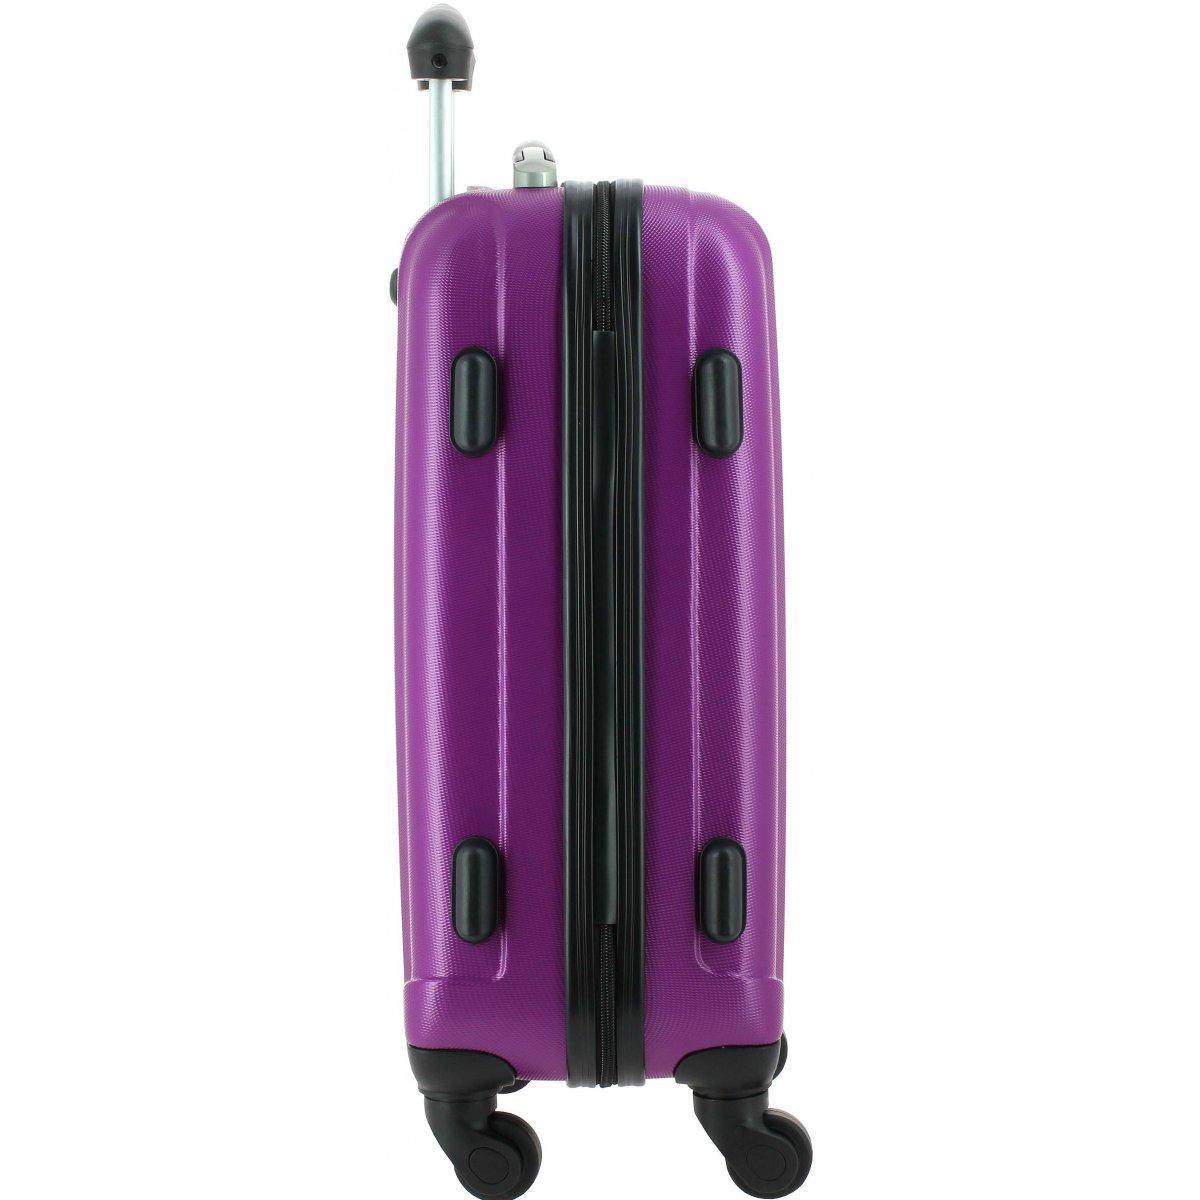 valise cabine david jones ba10111p couleur principale violet promotion. Black Bedroom Furniture Sets. Home Design Ideas